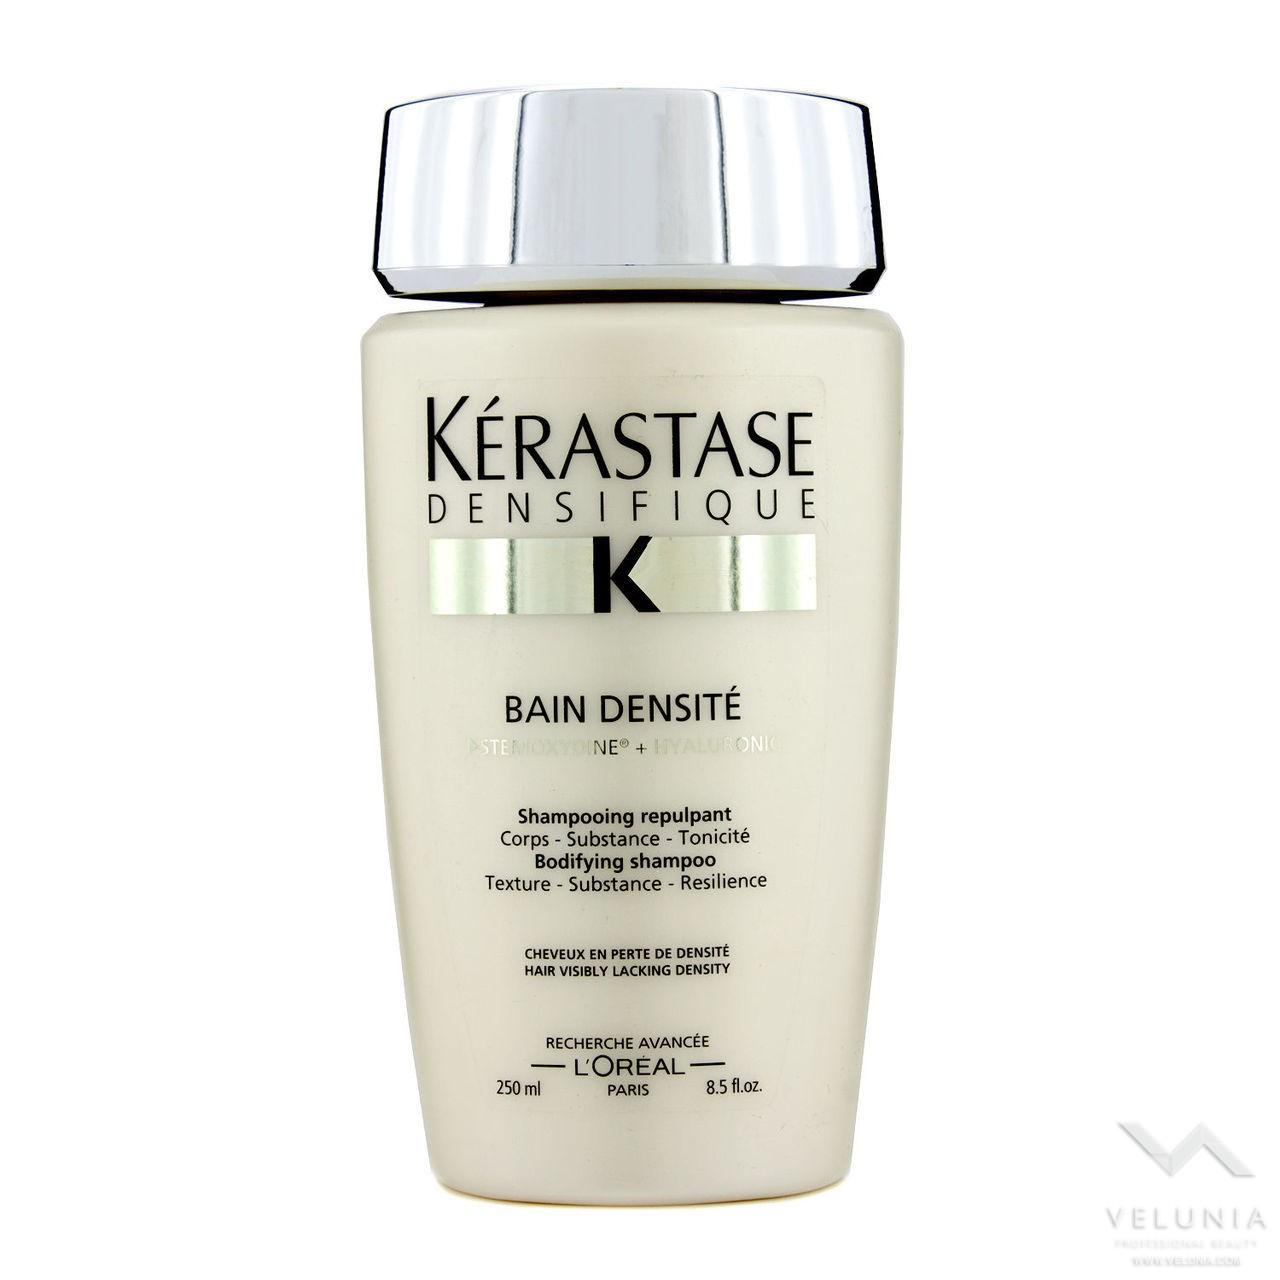 L'oreal Kerastase densifique shampoo bain densité per capelli sottili 250ml 1